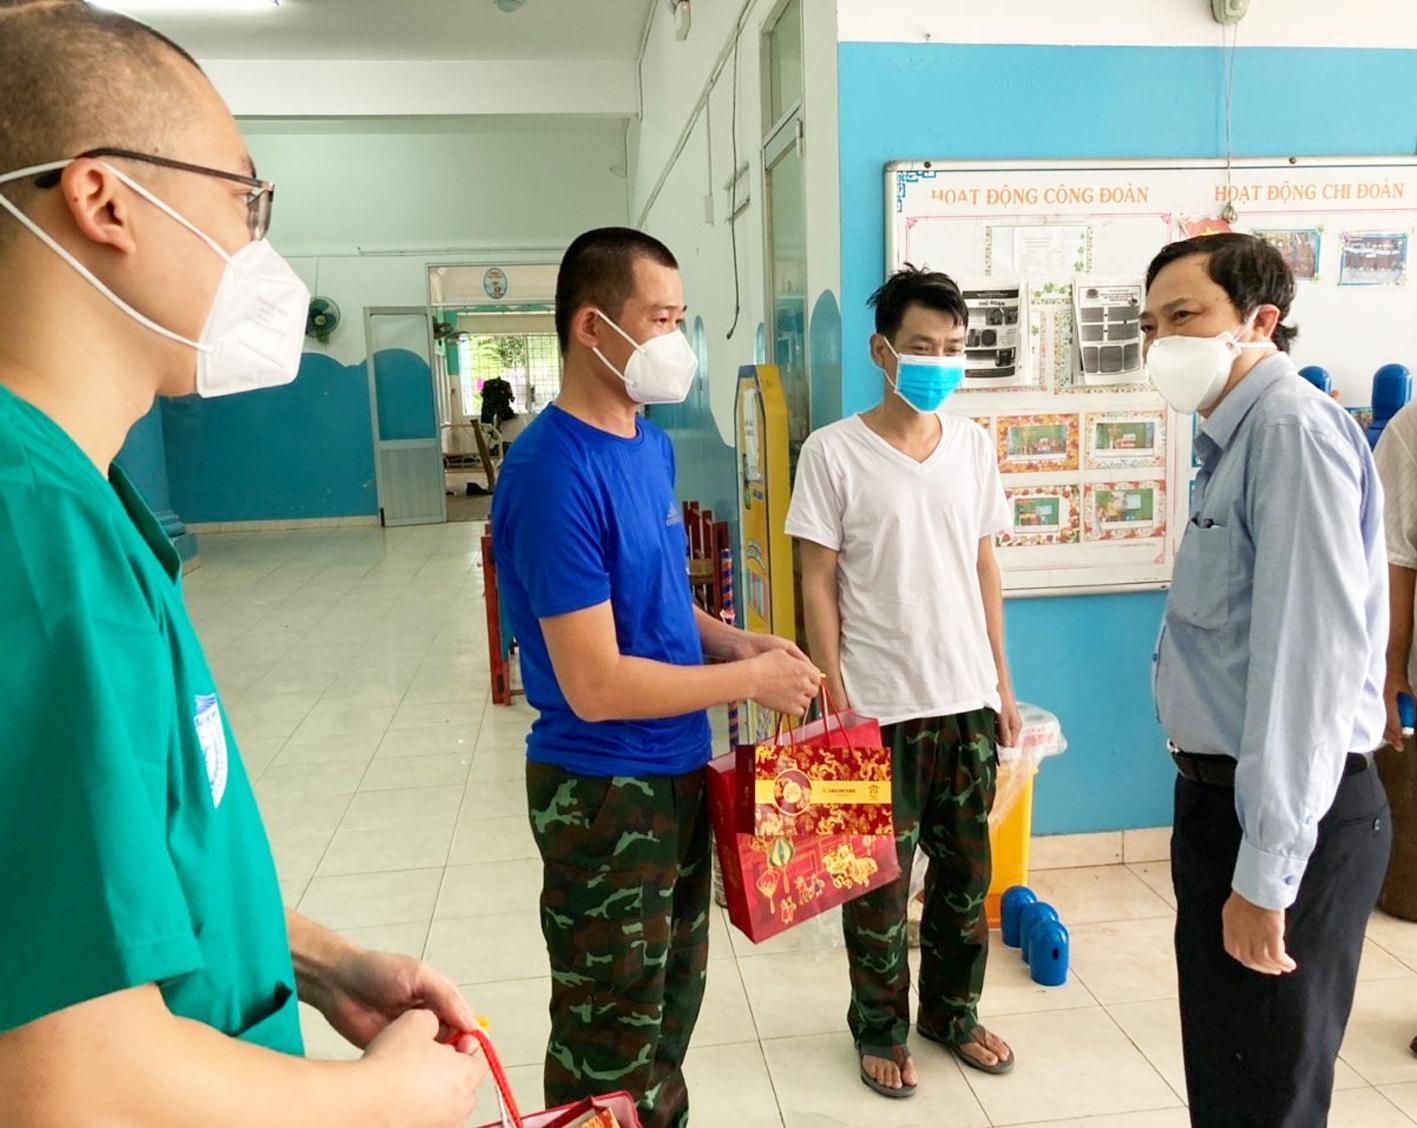 Ông Nguyễn Hoàng Lên động viên các bác sĩ quân y đang làm nhiệm vụ ở một trạm y tế lưu động thuộc P.Bình Trị Đông A, Q.Bình Tân